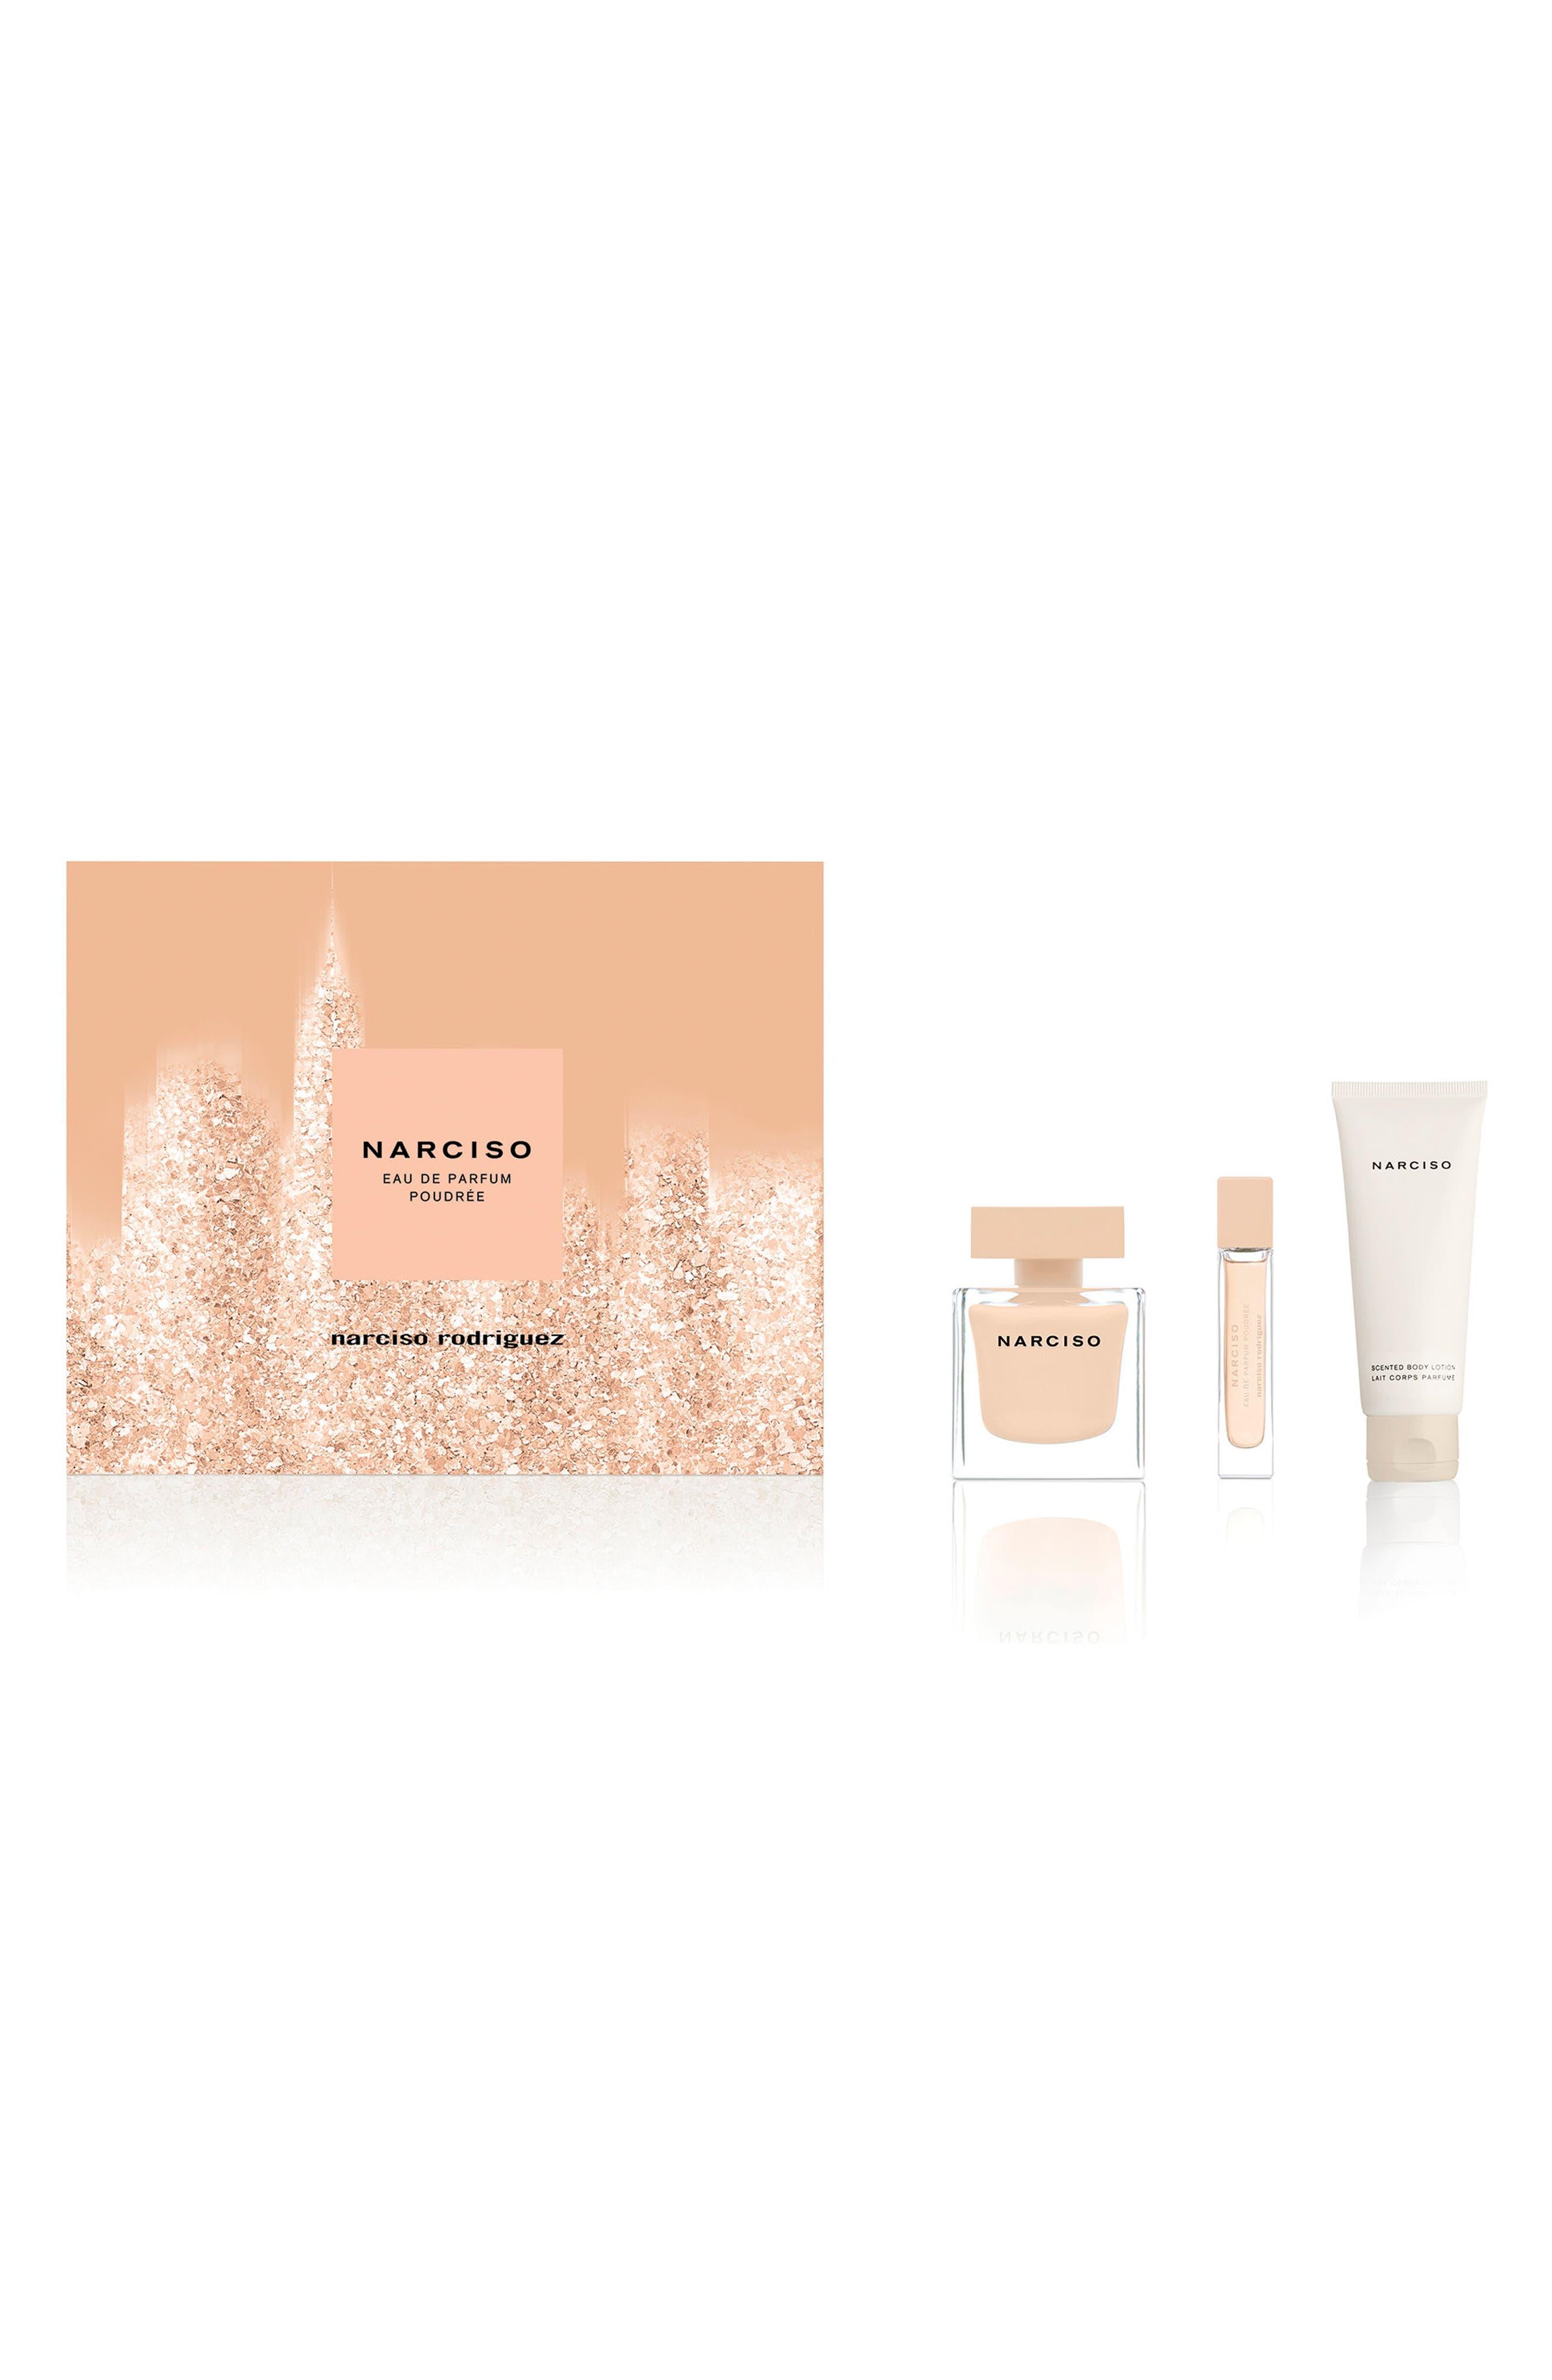 Narciso Rodriguez Narciso Eau de Parfum Poudrée Set ($161 Value)